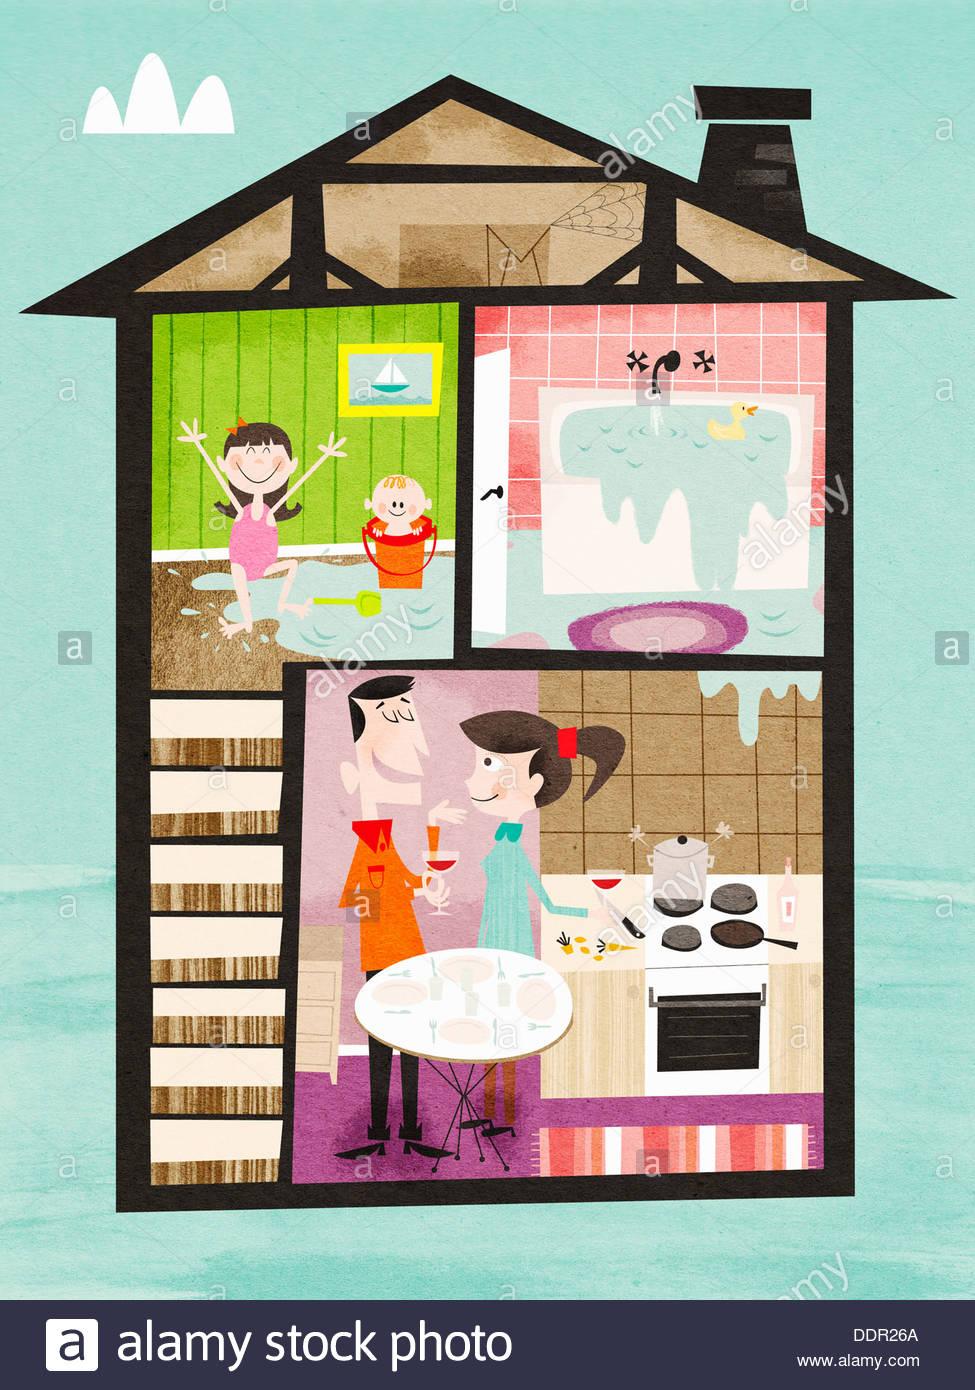 Niños jugando en el agua de baño arriba desbordante y padres bebiendo vino abajo Imagen De Stock